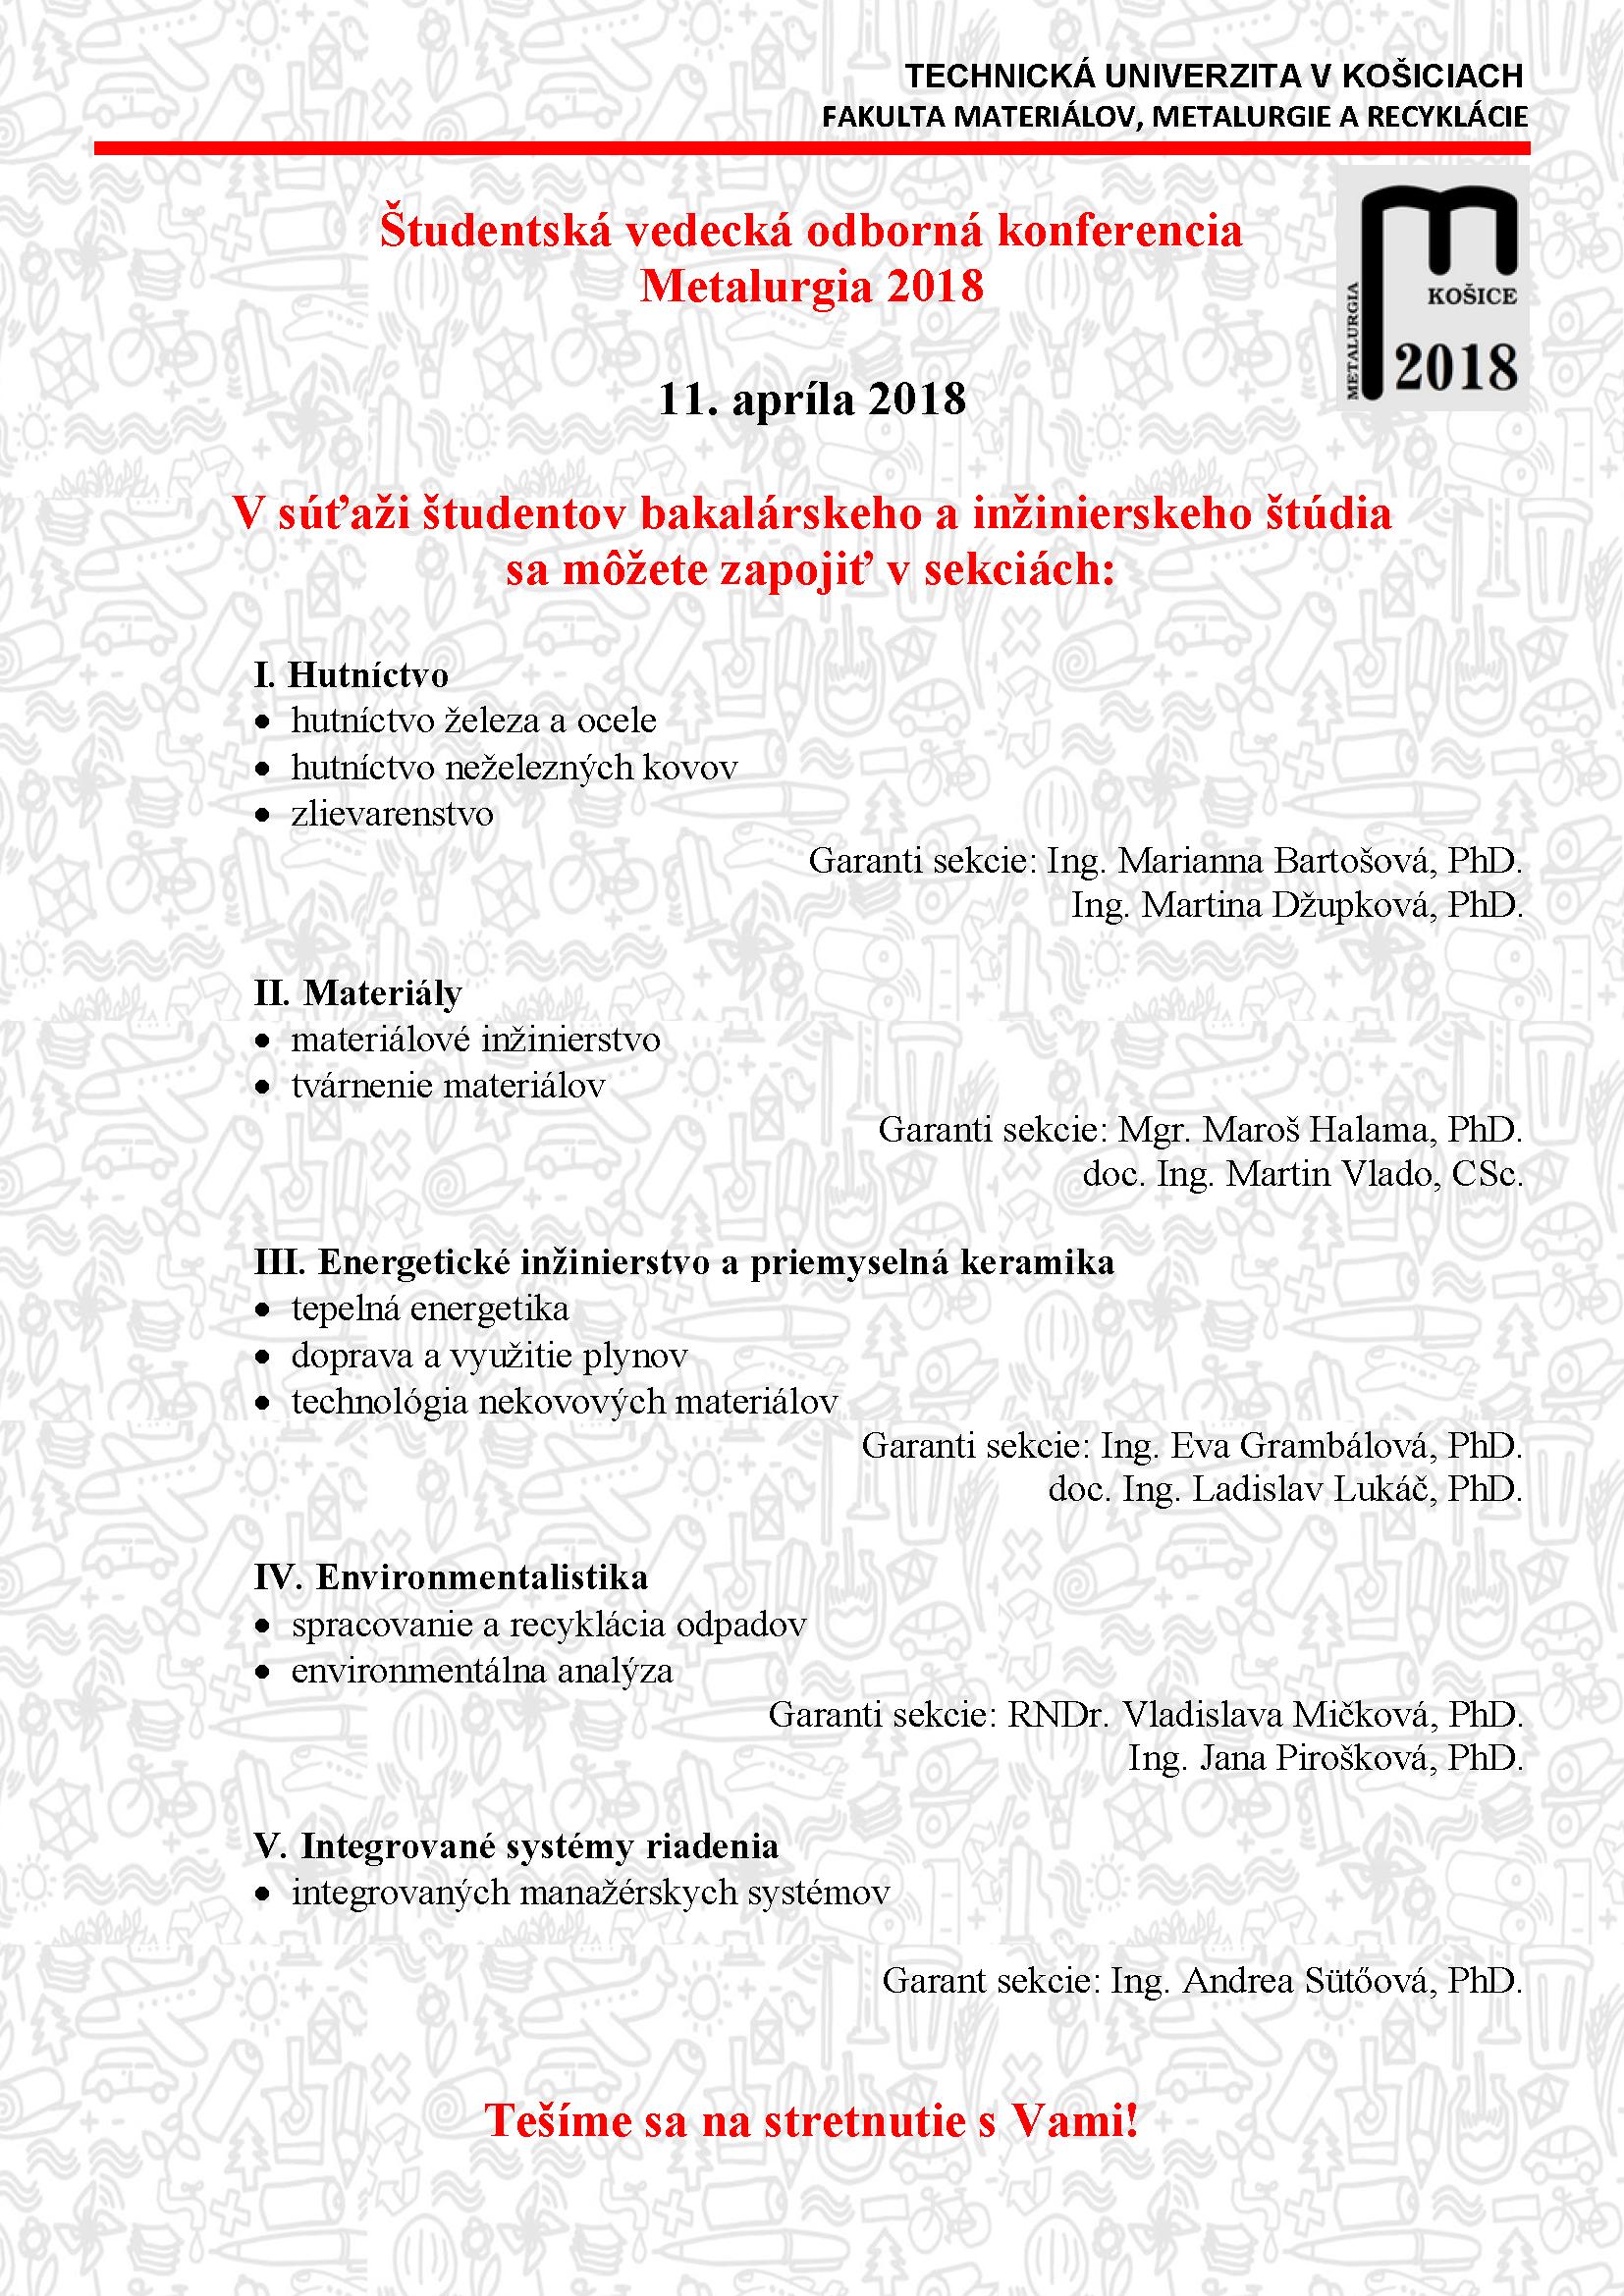 4b0cc4f71 Dekanka Fakulty materiálov, metalurgie a recyklácie Technickej univerzity v  Košiciach (FMMR TUKE) vyhlasuje Študentskú vedeckú odbornú konferenciu s  cieľom ...